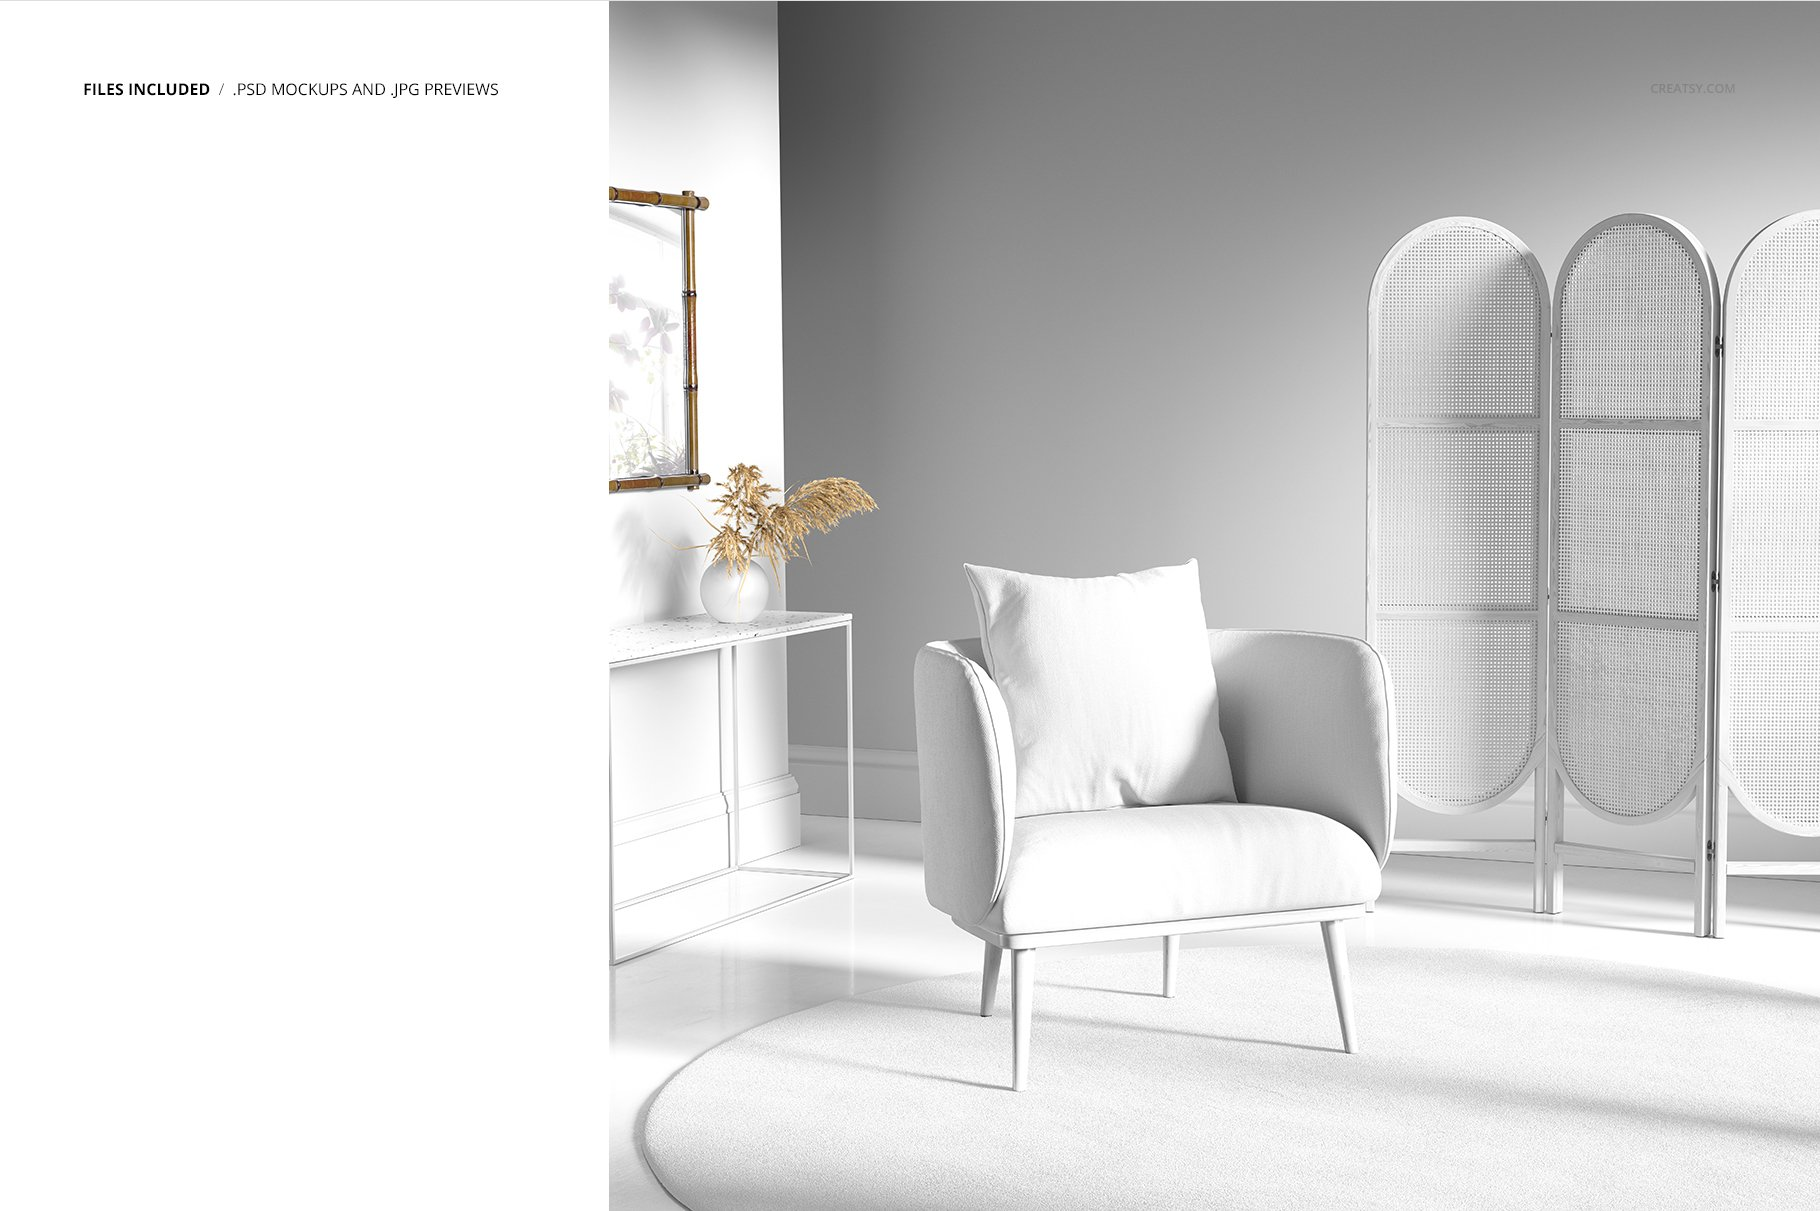 室内场景扶手椅子面料印花图案设计展示PS样机模板素材 Interior Scene Mockup (25FFv.10)插图2